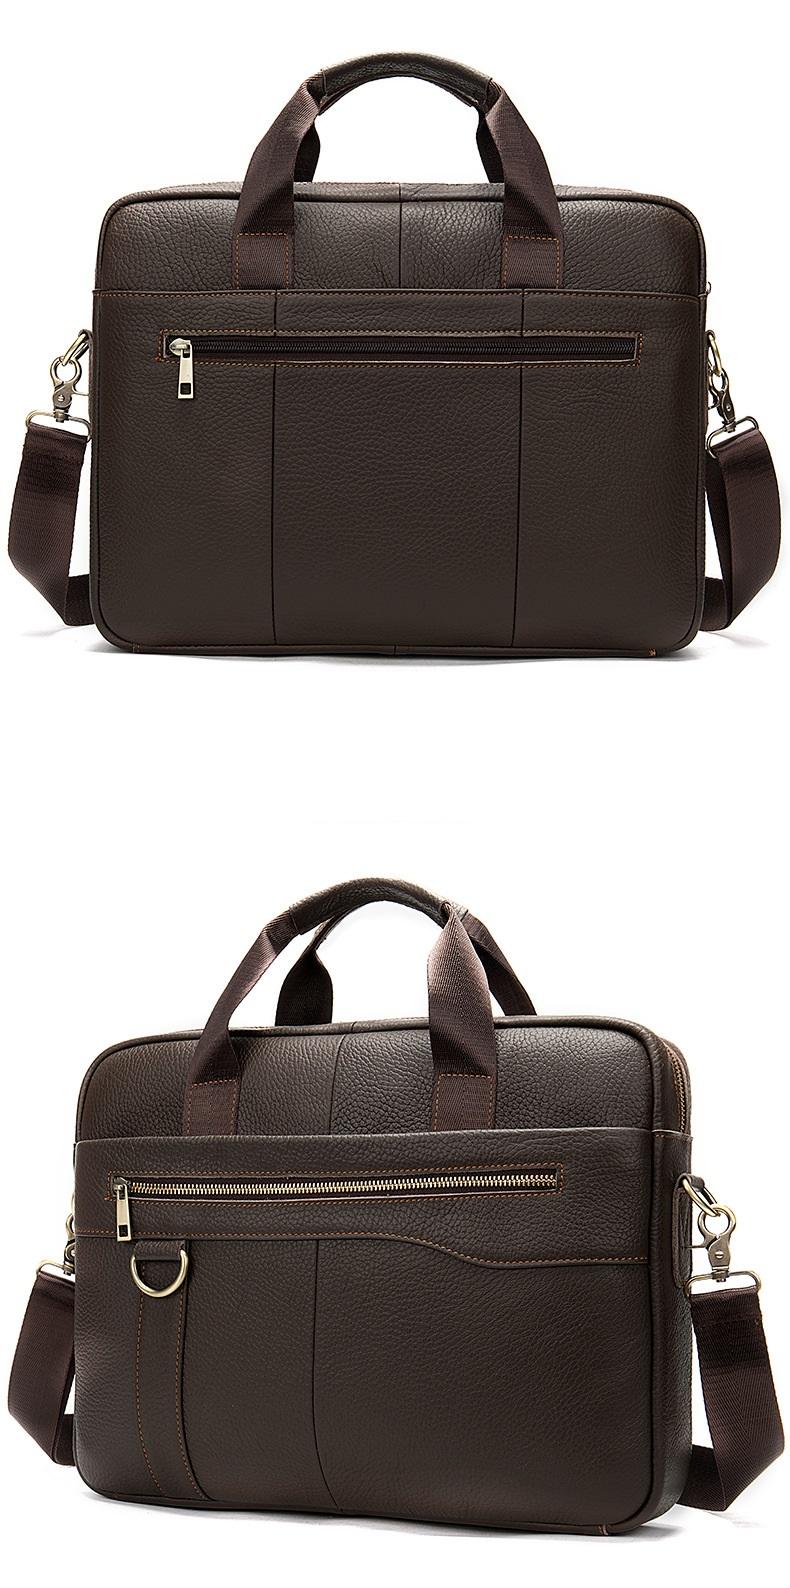 Túi xách da đựng laptop nam nữ thời trang công sở hàng hiệu SJE15-5